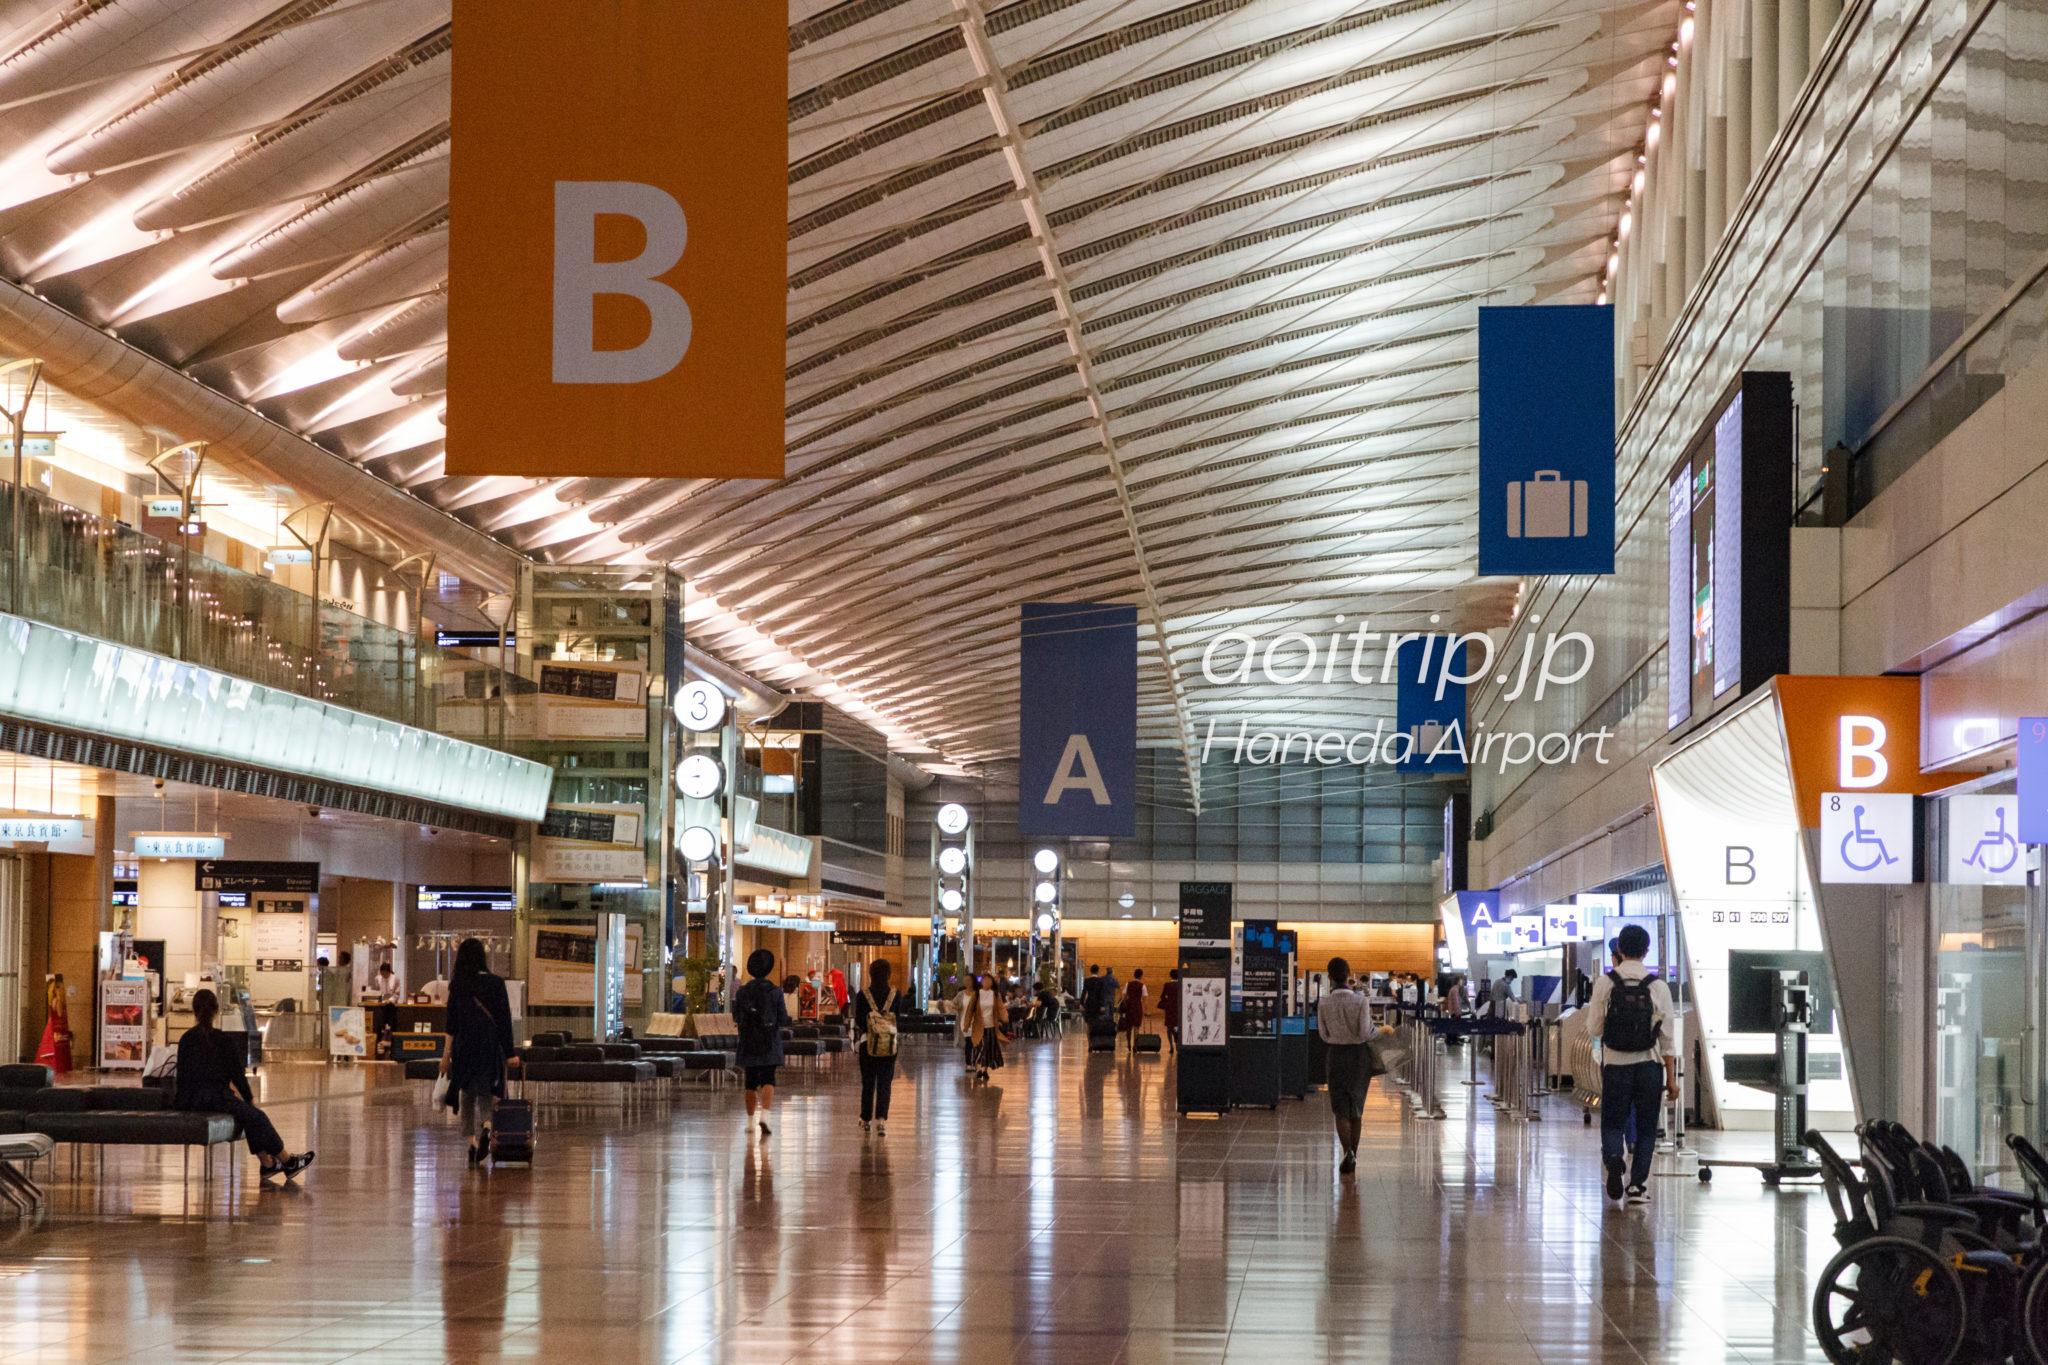 羽田空港国内線ターミナル第2 出発ロビー